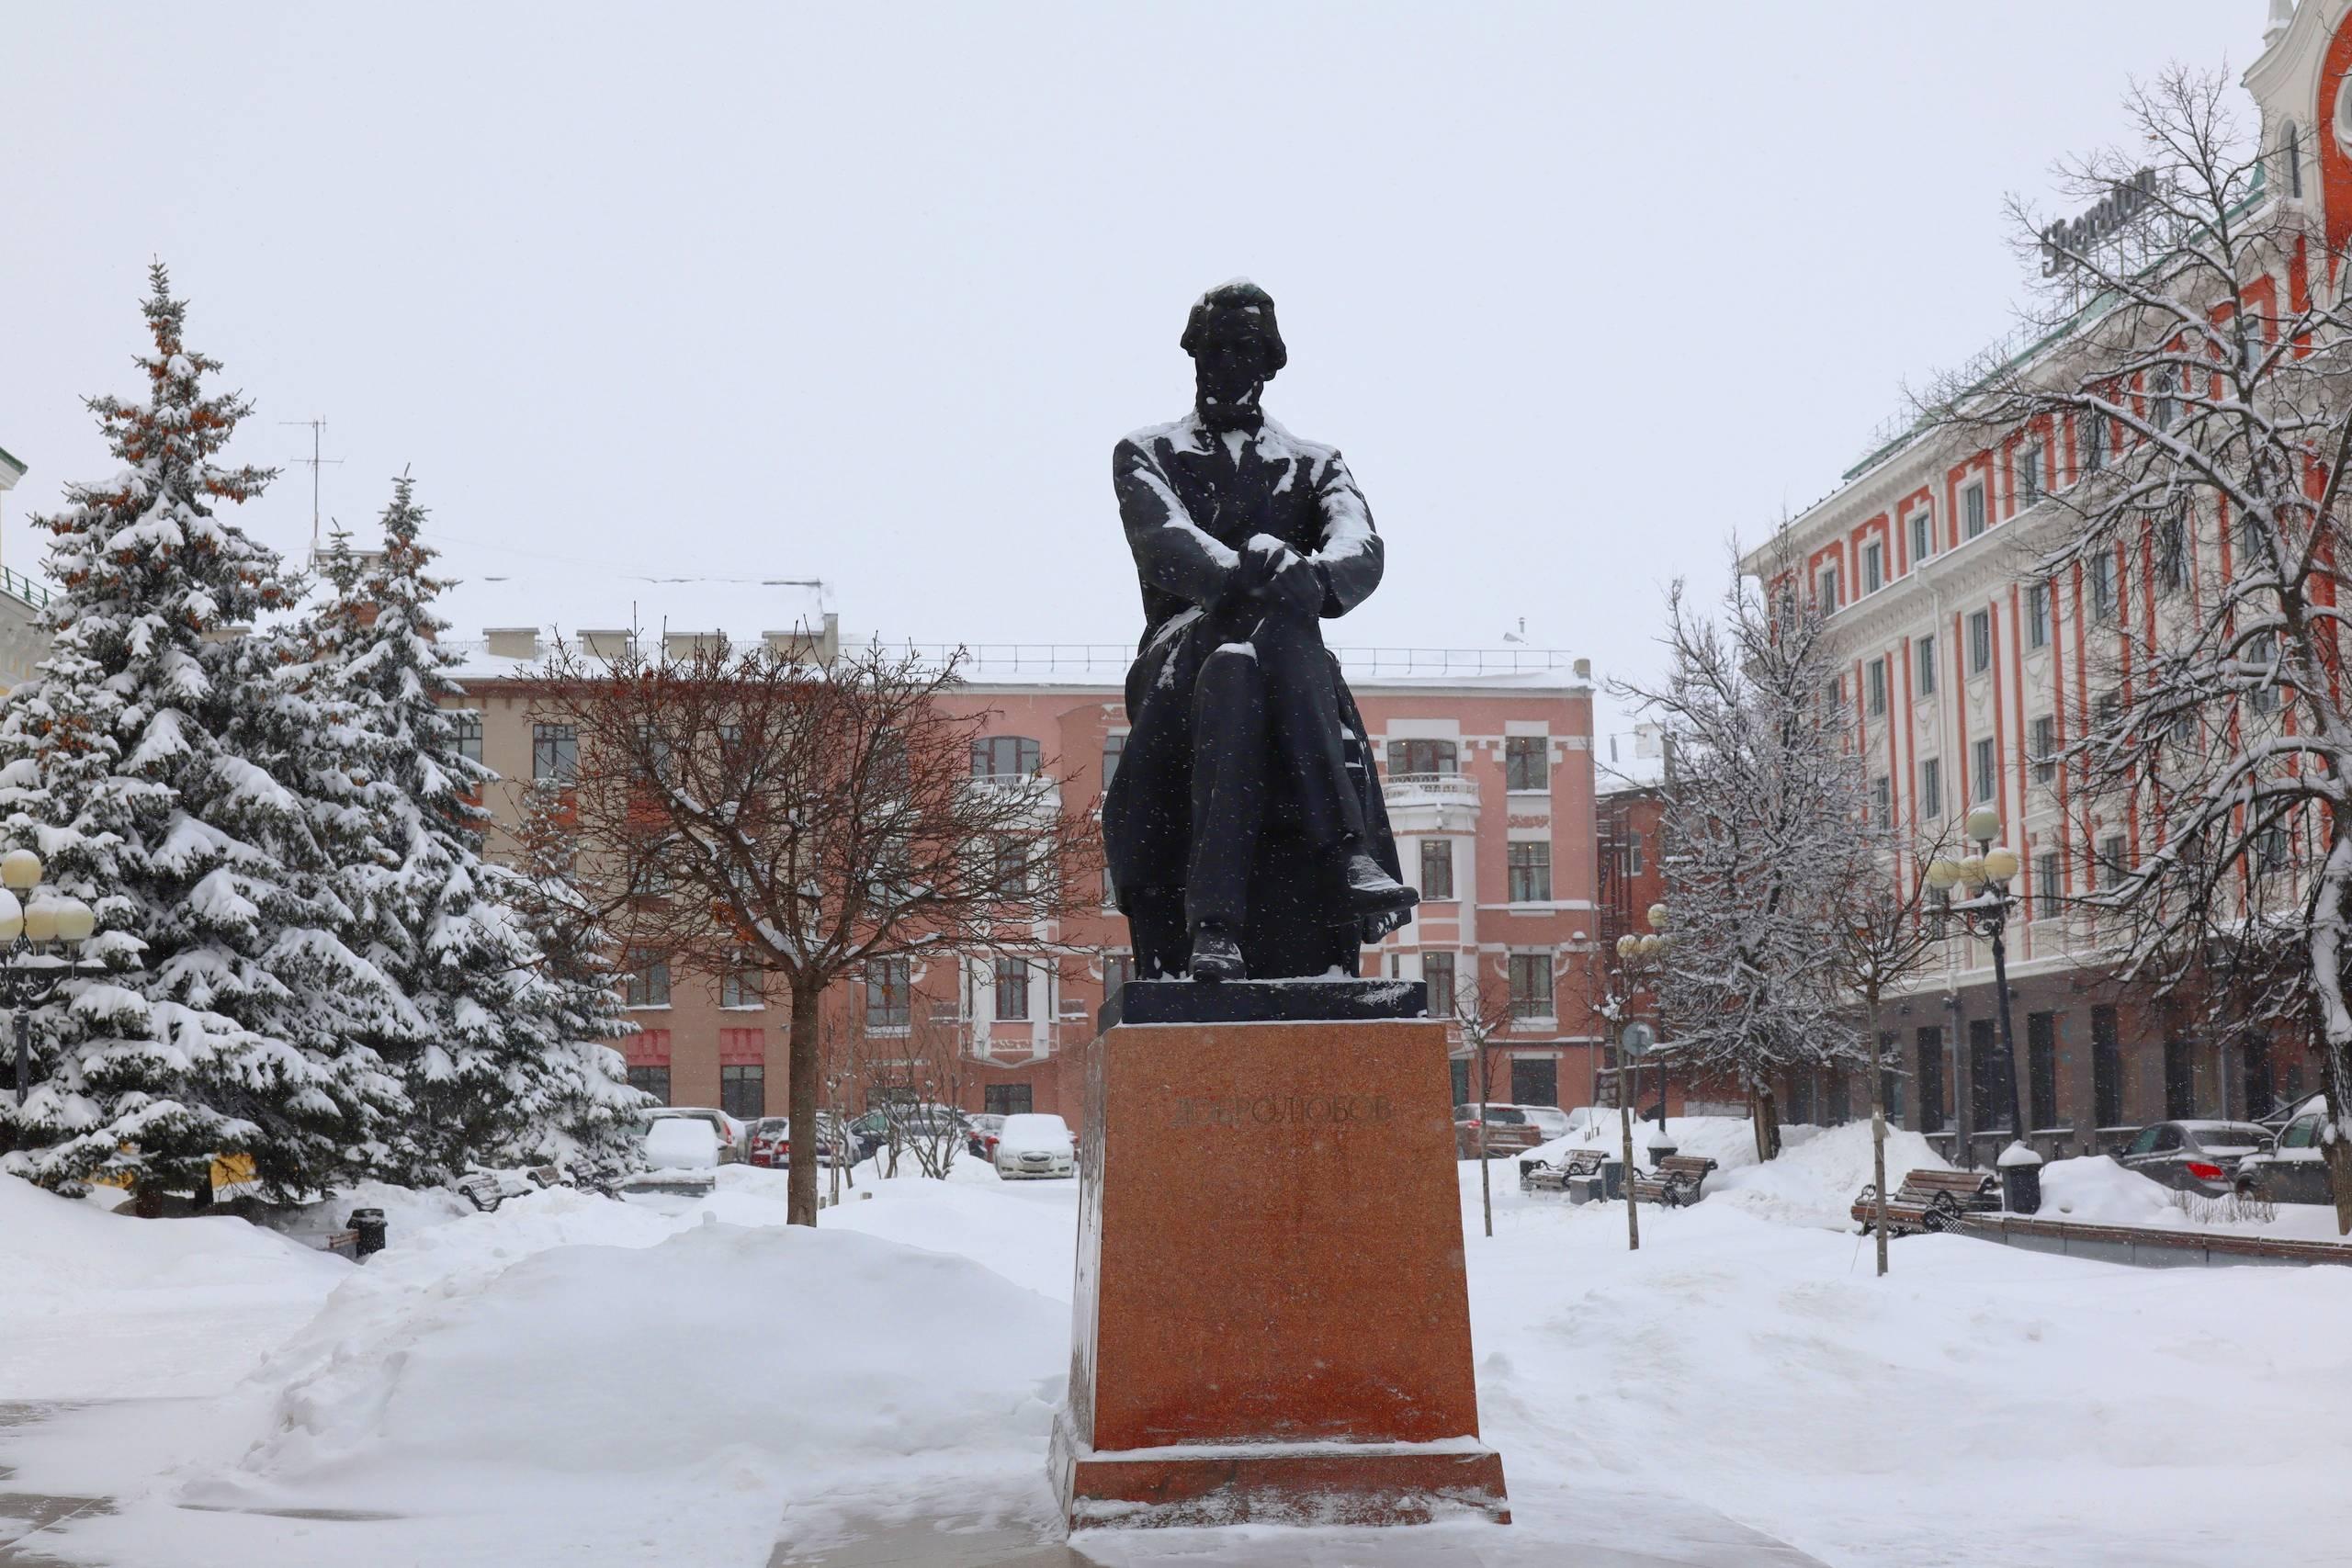 Музей Н.А. Добролюбова приглашает на экскурсии по центру Нижнего Новгорода 4 и 14 марта